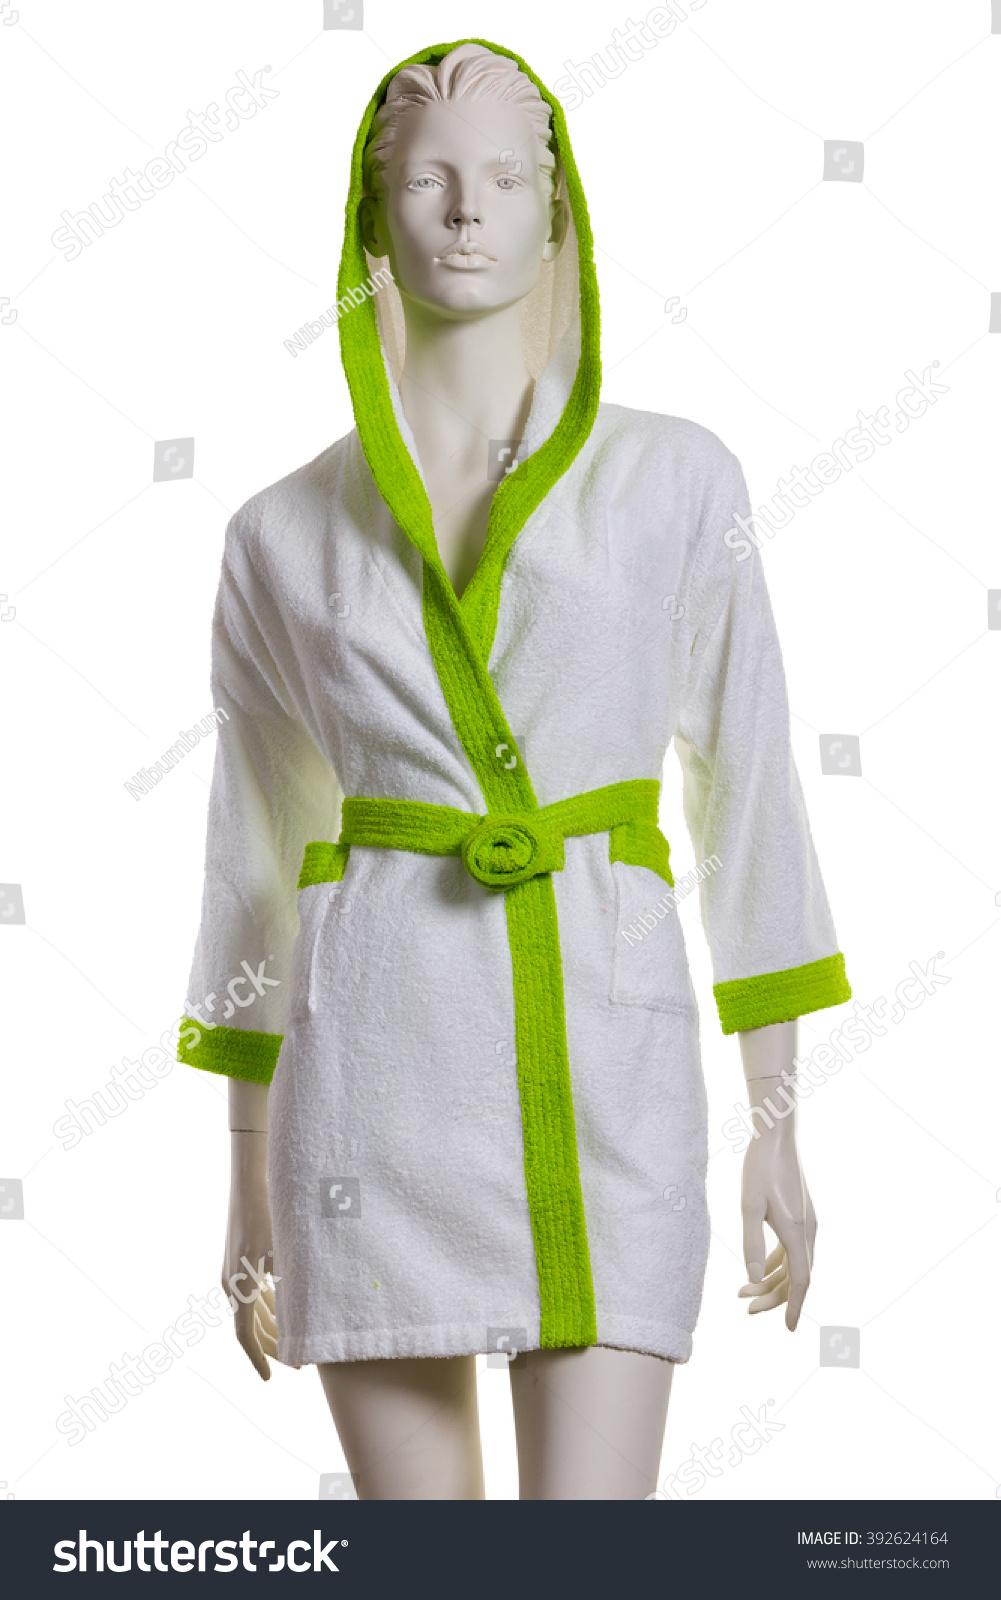 Female Dummy Short White Bathing Dressing Stock Photo (Royalty Free ...